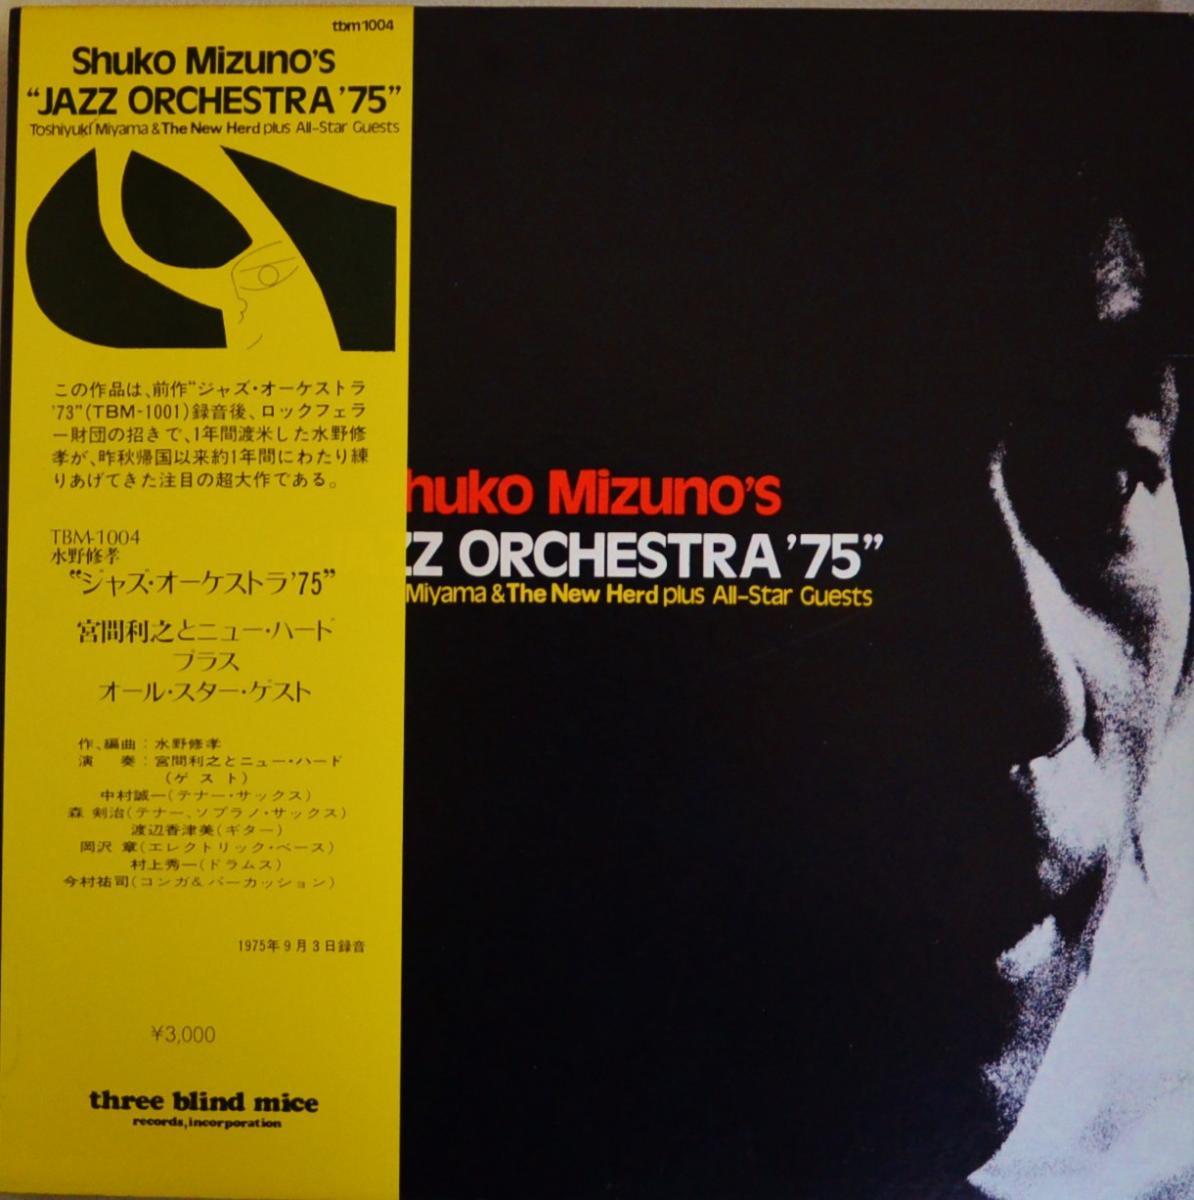 水野修孝 SHUKO MIZUNO'S (宮間利之とニュー・ハード) / JAZZ ORCHESTRA '75 (LP)